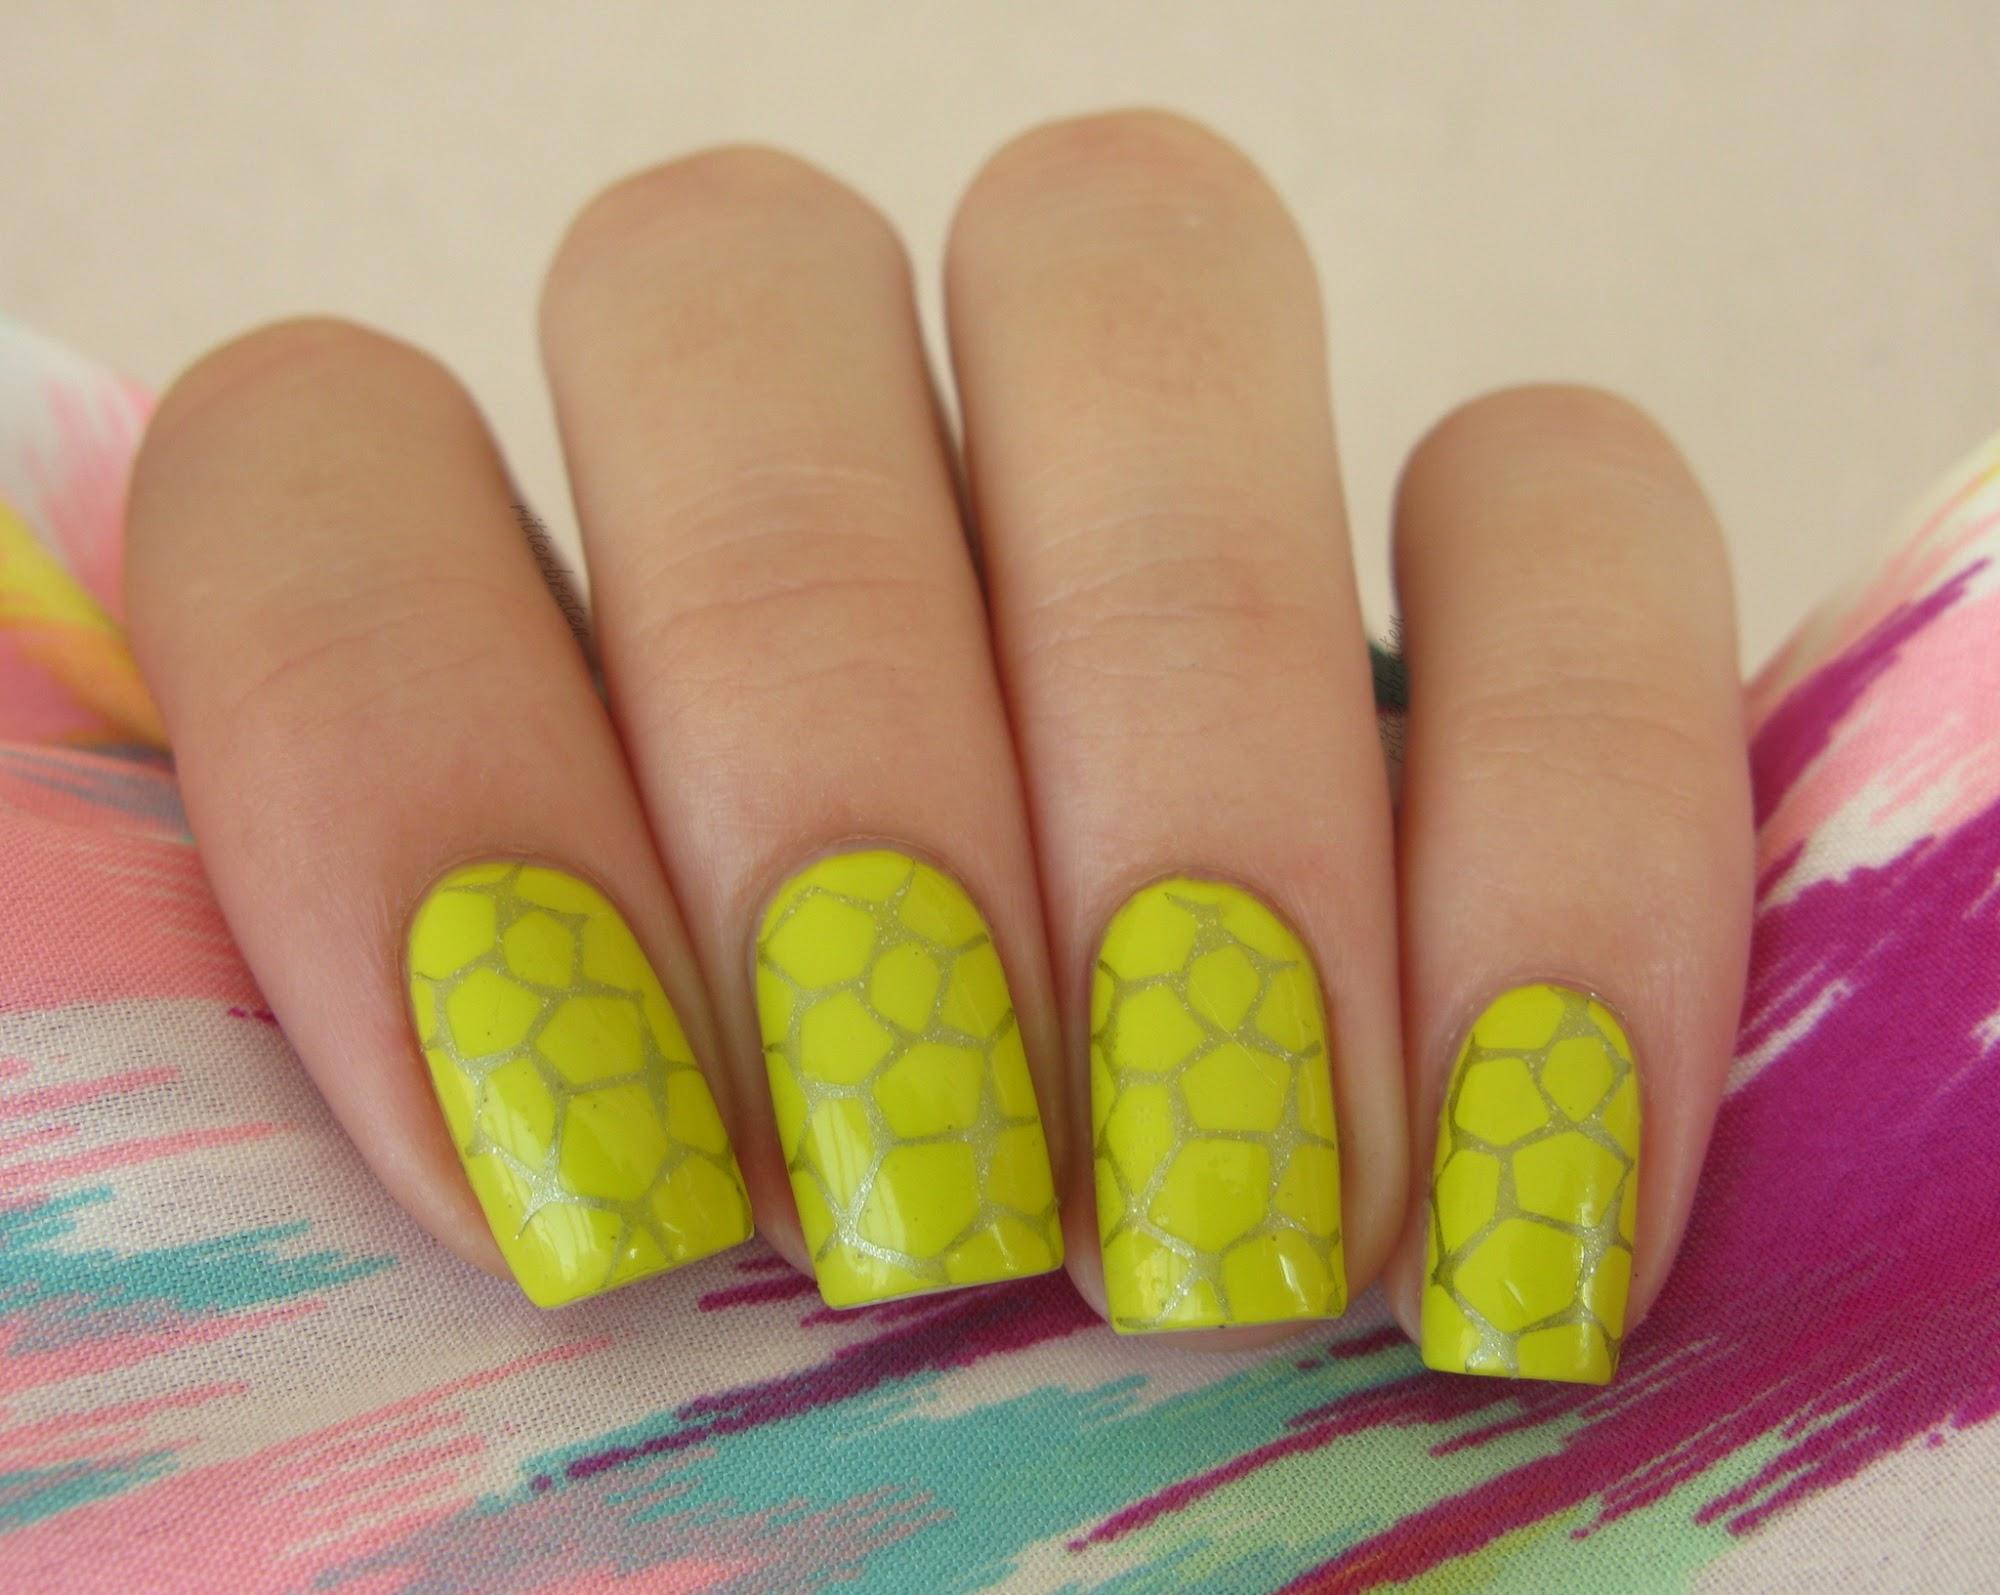 giraffe manicure